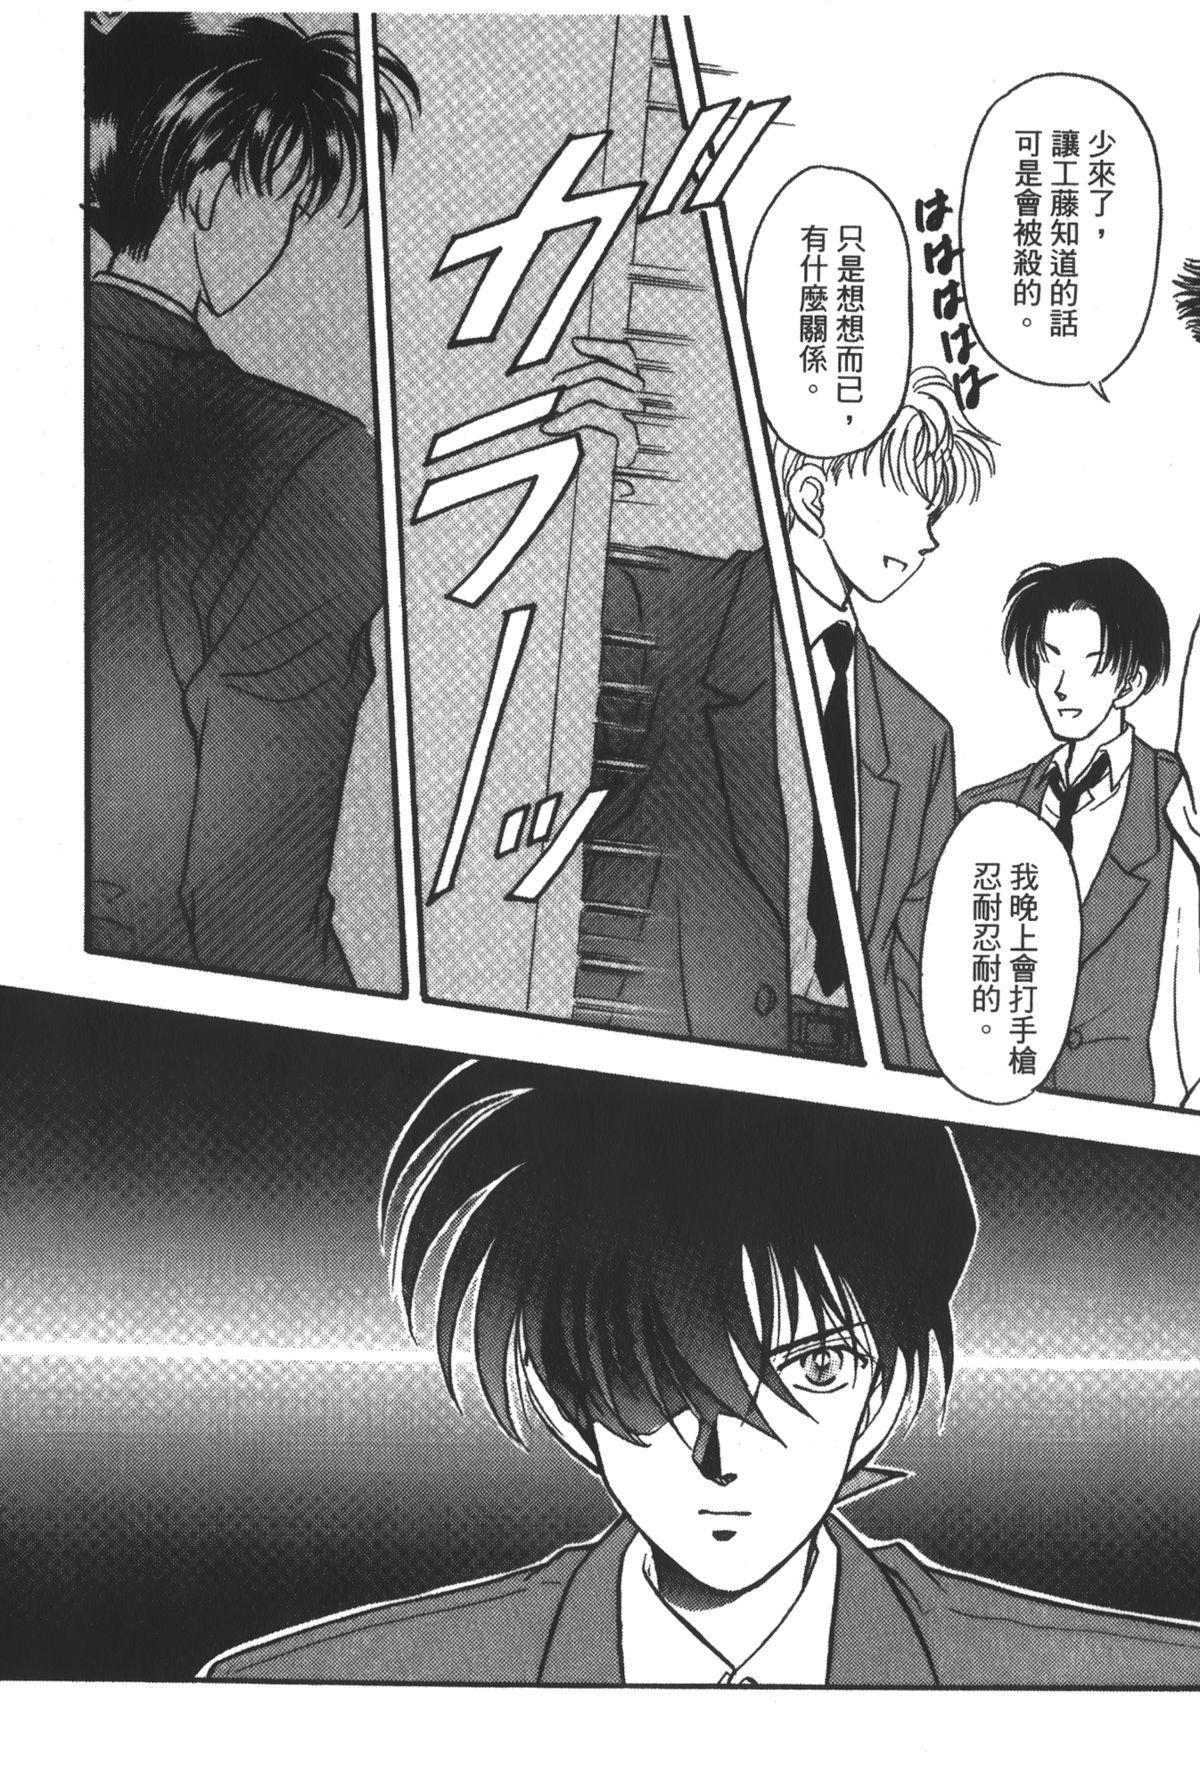 Detective Assistant Vol. 14 48